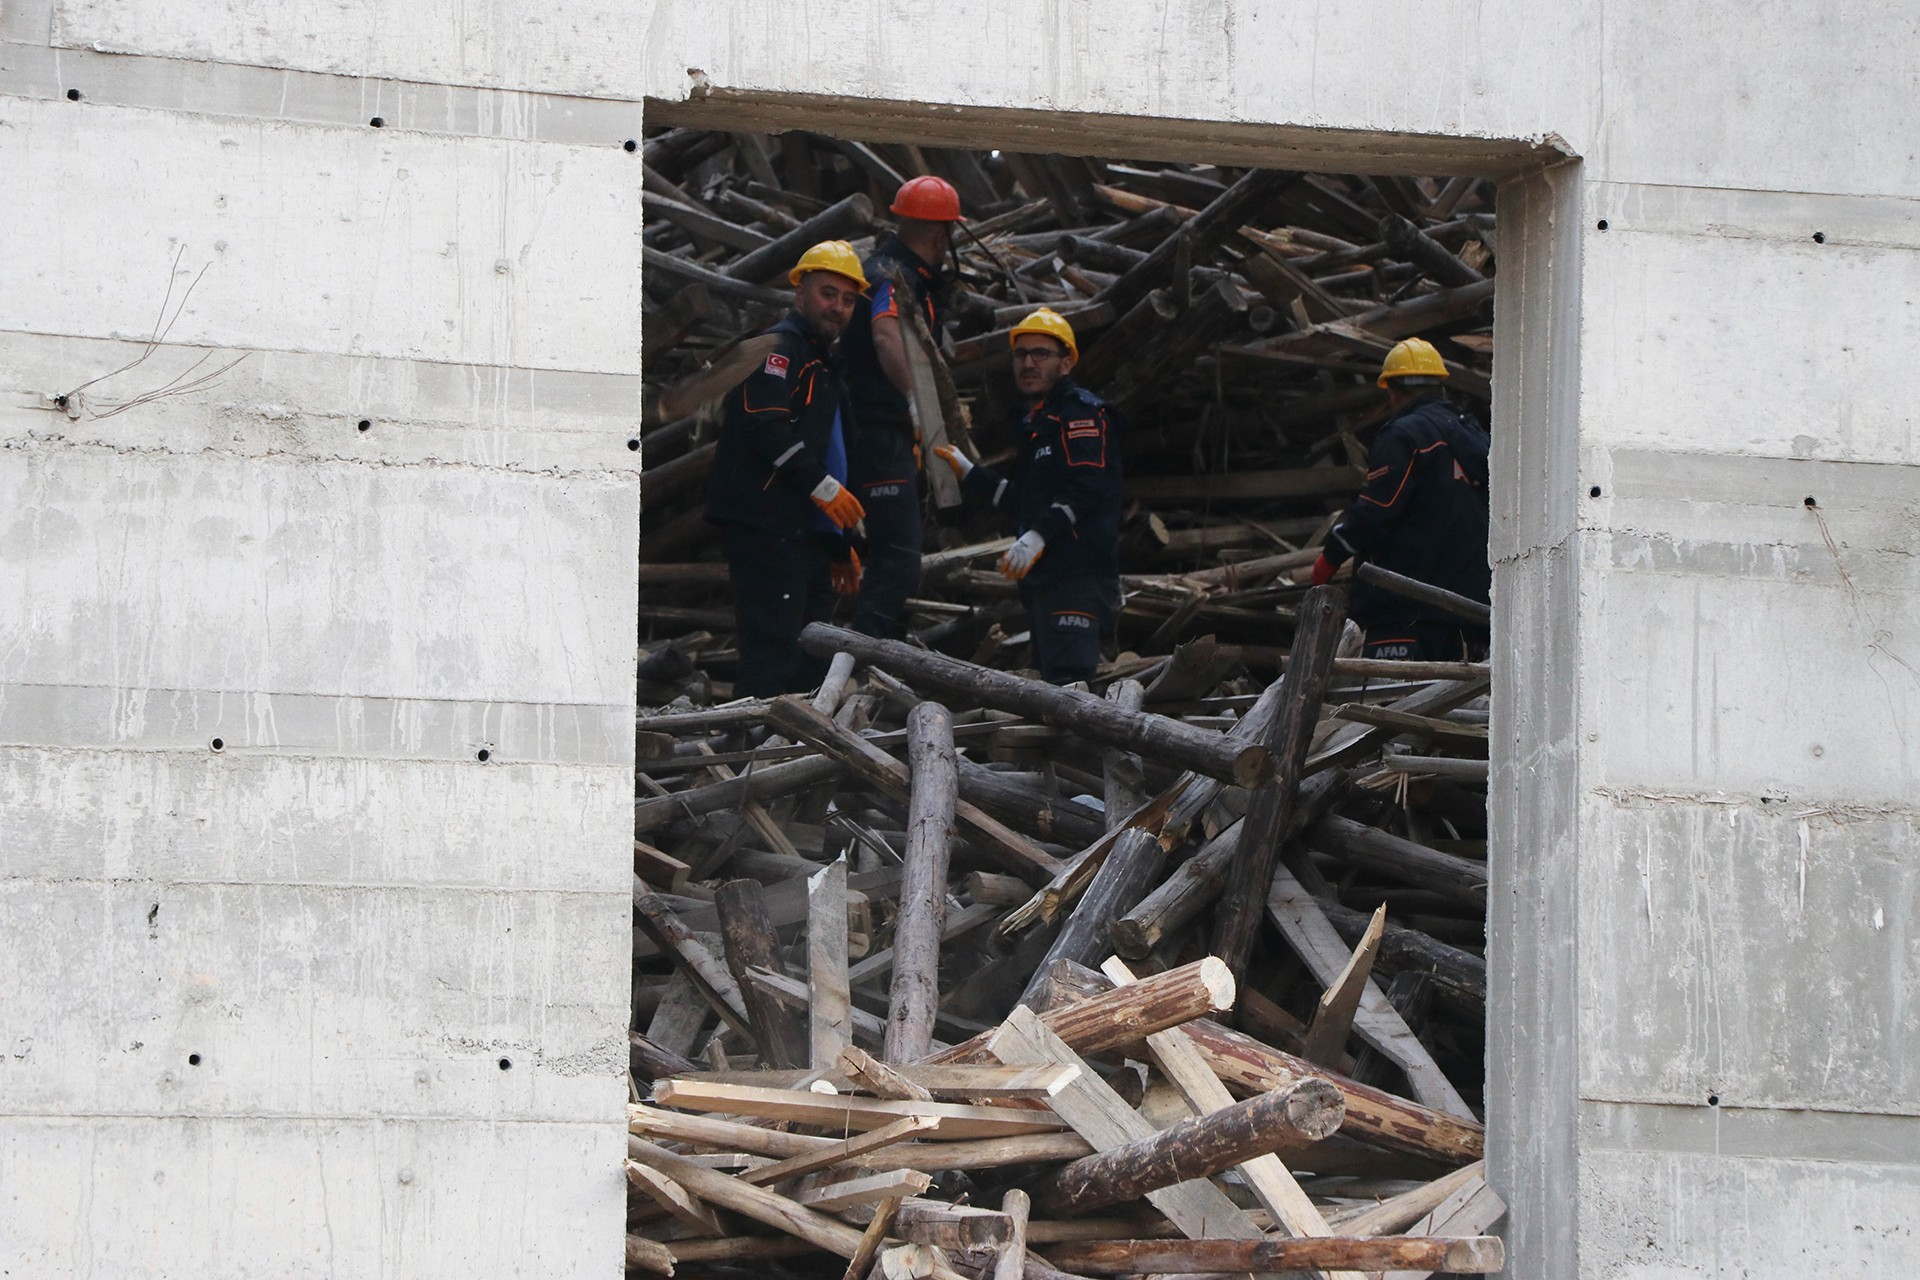 Antep'te iskelenin çöktüğü camide işçiler arama çalışmaları yapıyor